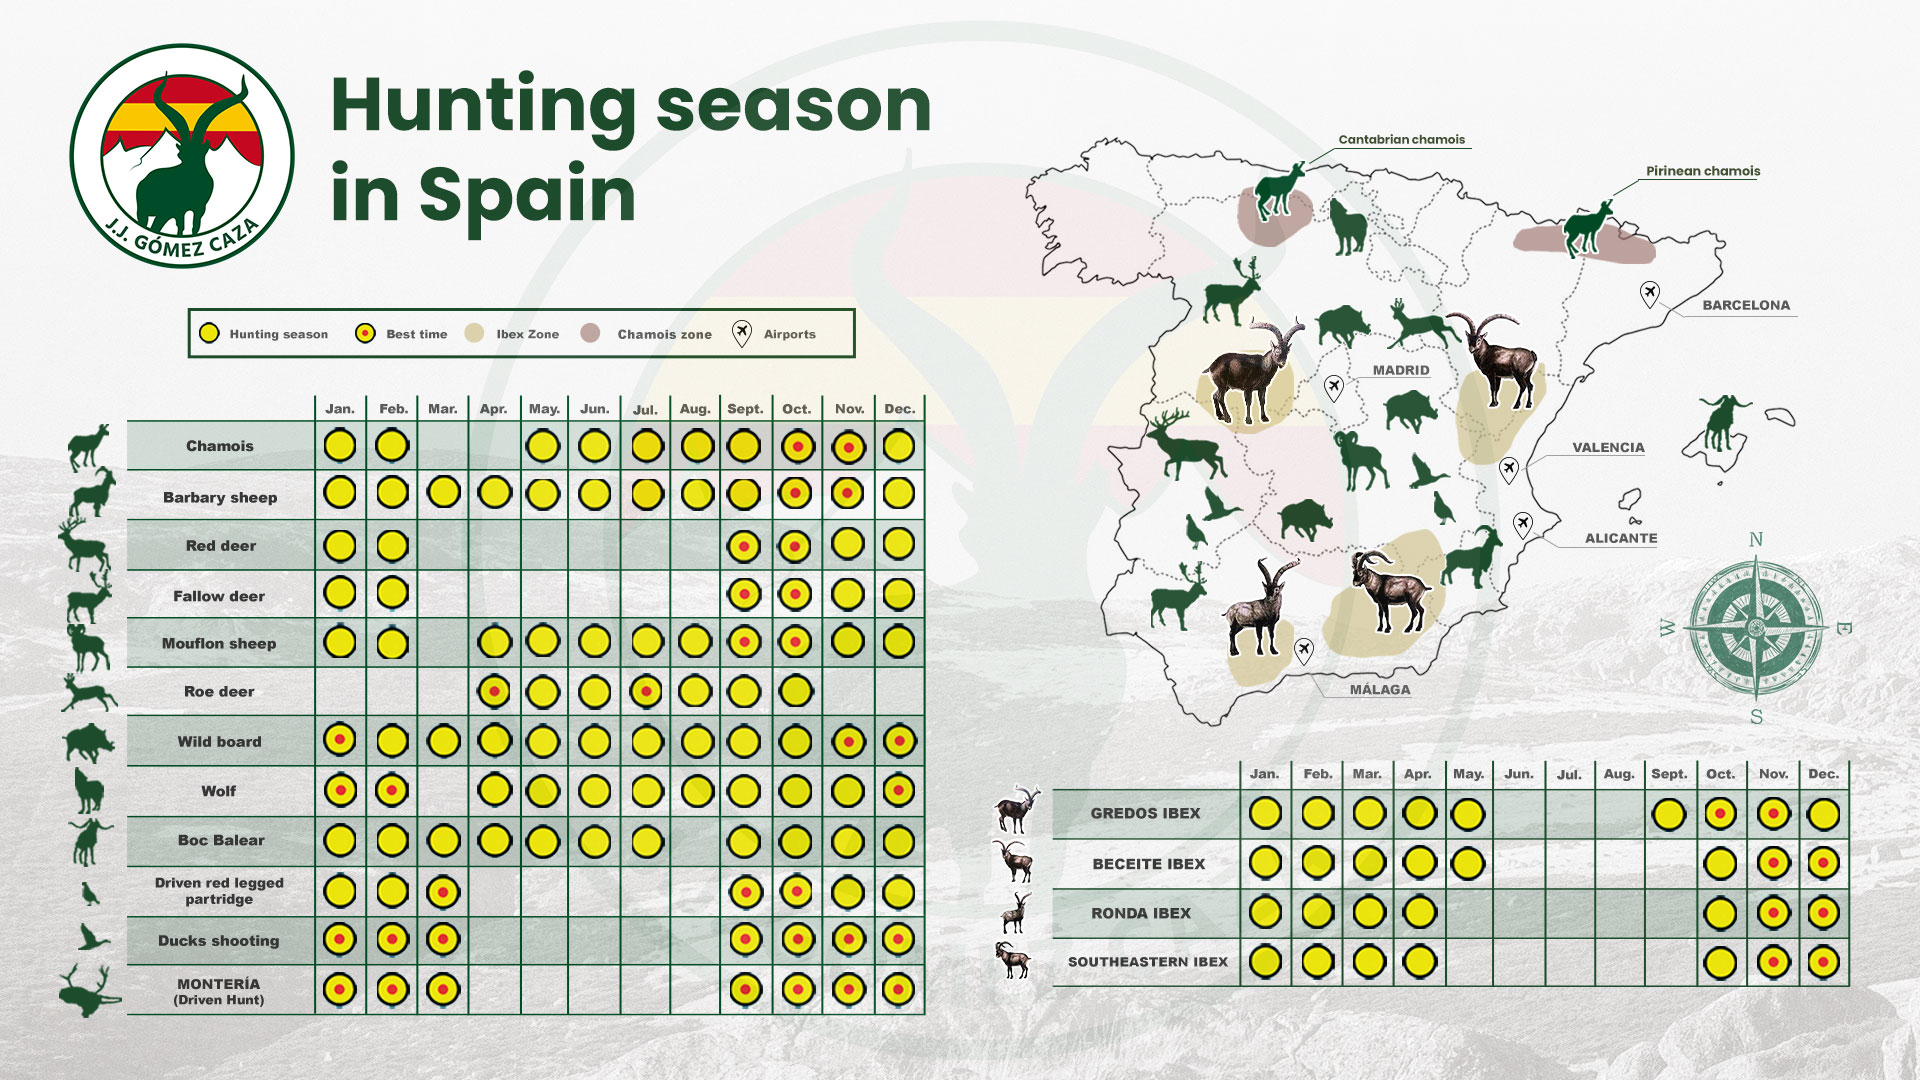 Hunting season in Spain